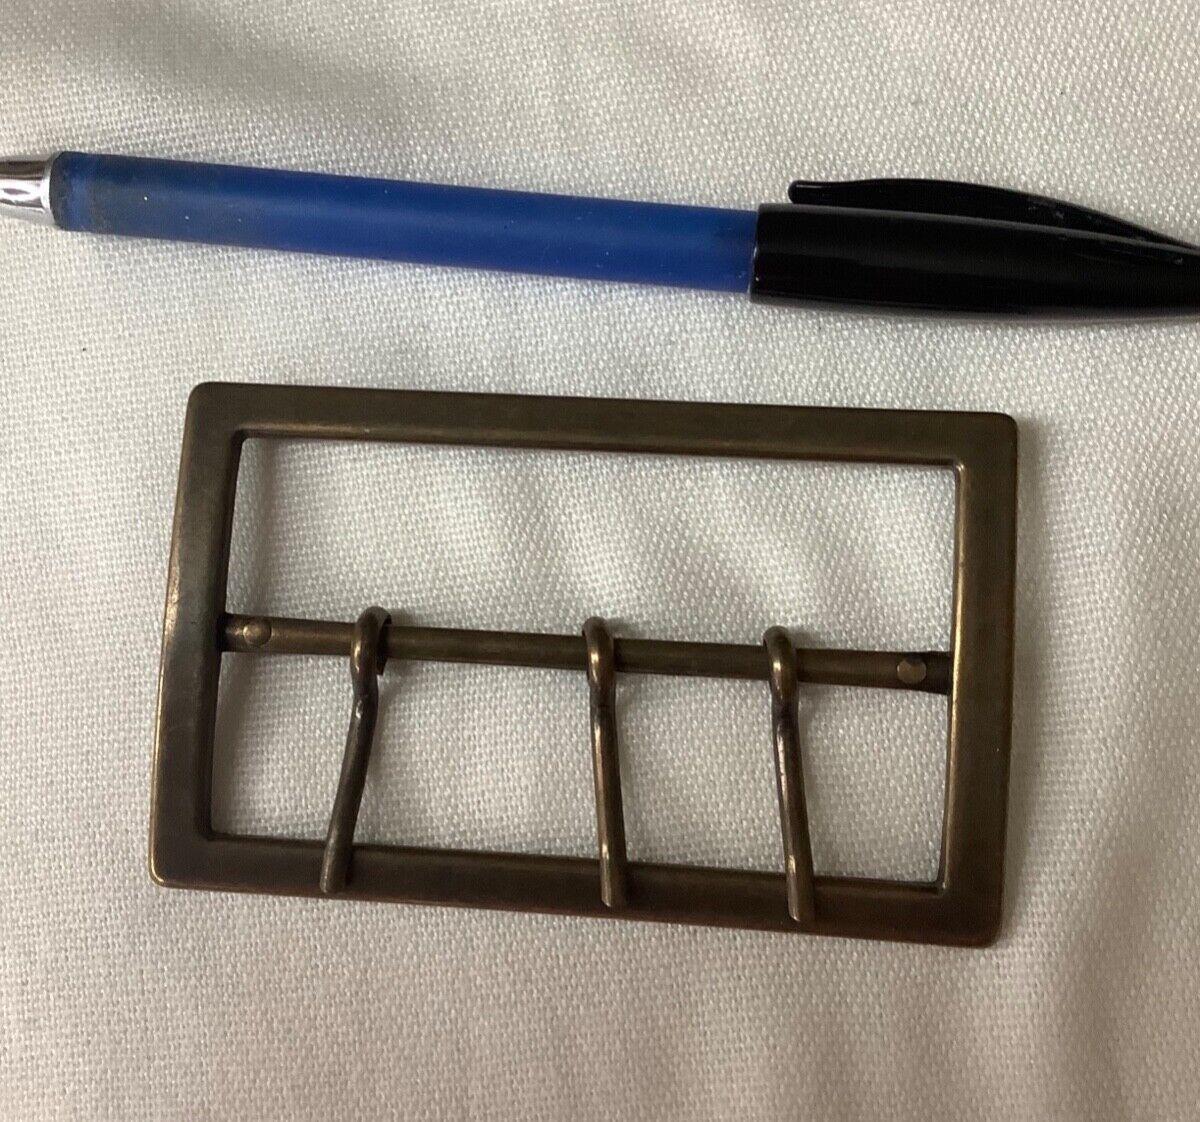 new 58mm x 95mm brass metal belt buckle 3-prong